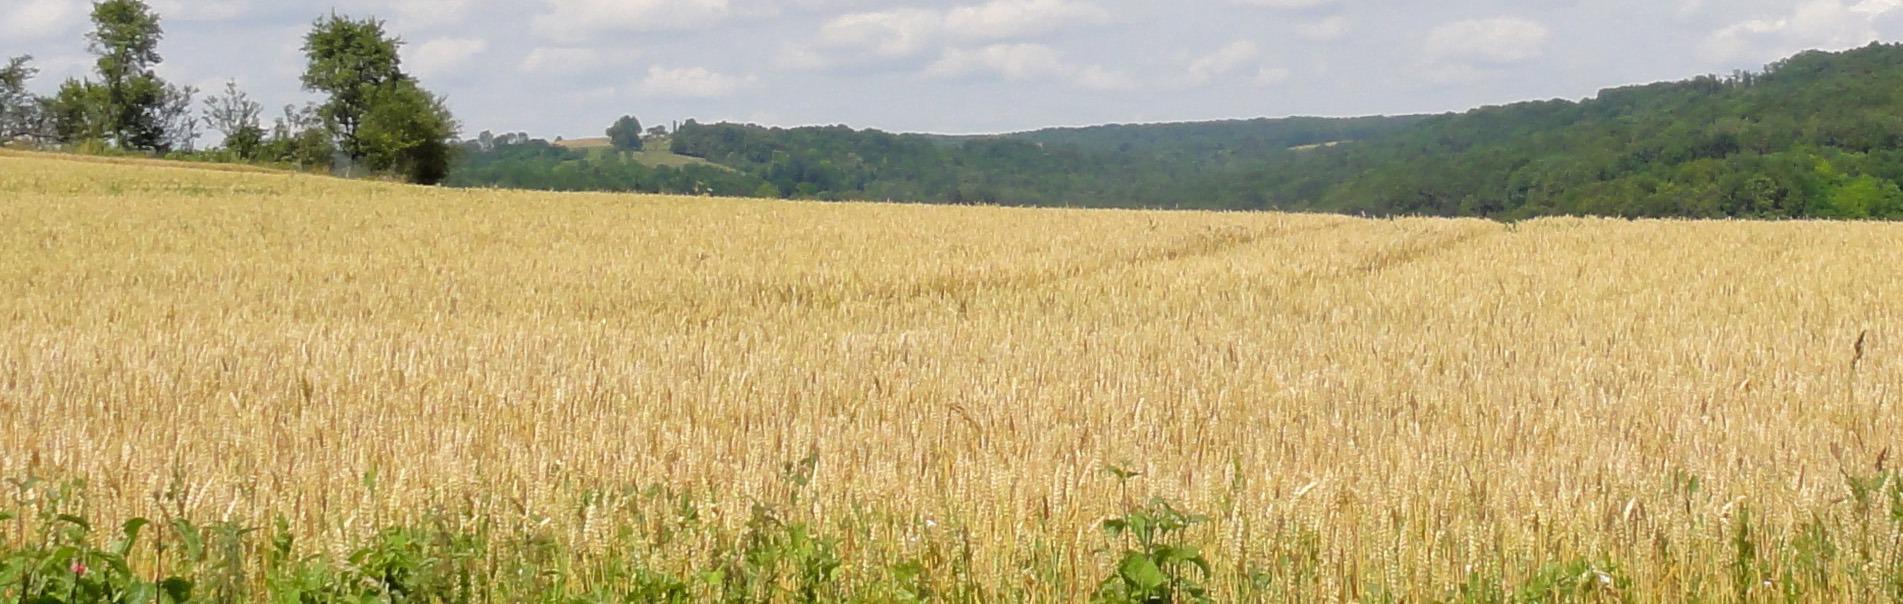 geel korenveld tegen de heuvels